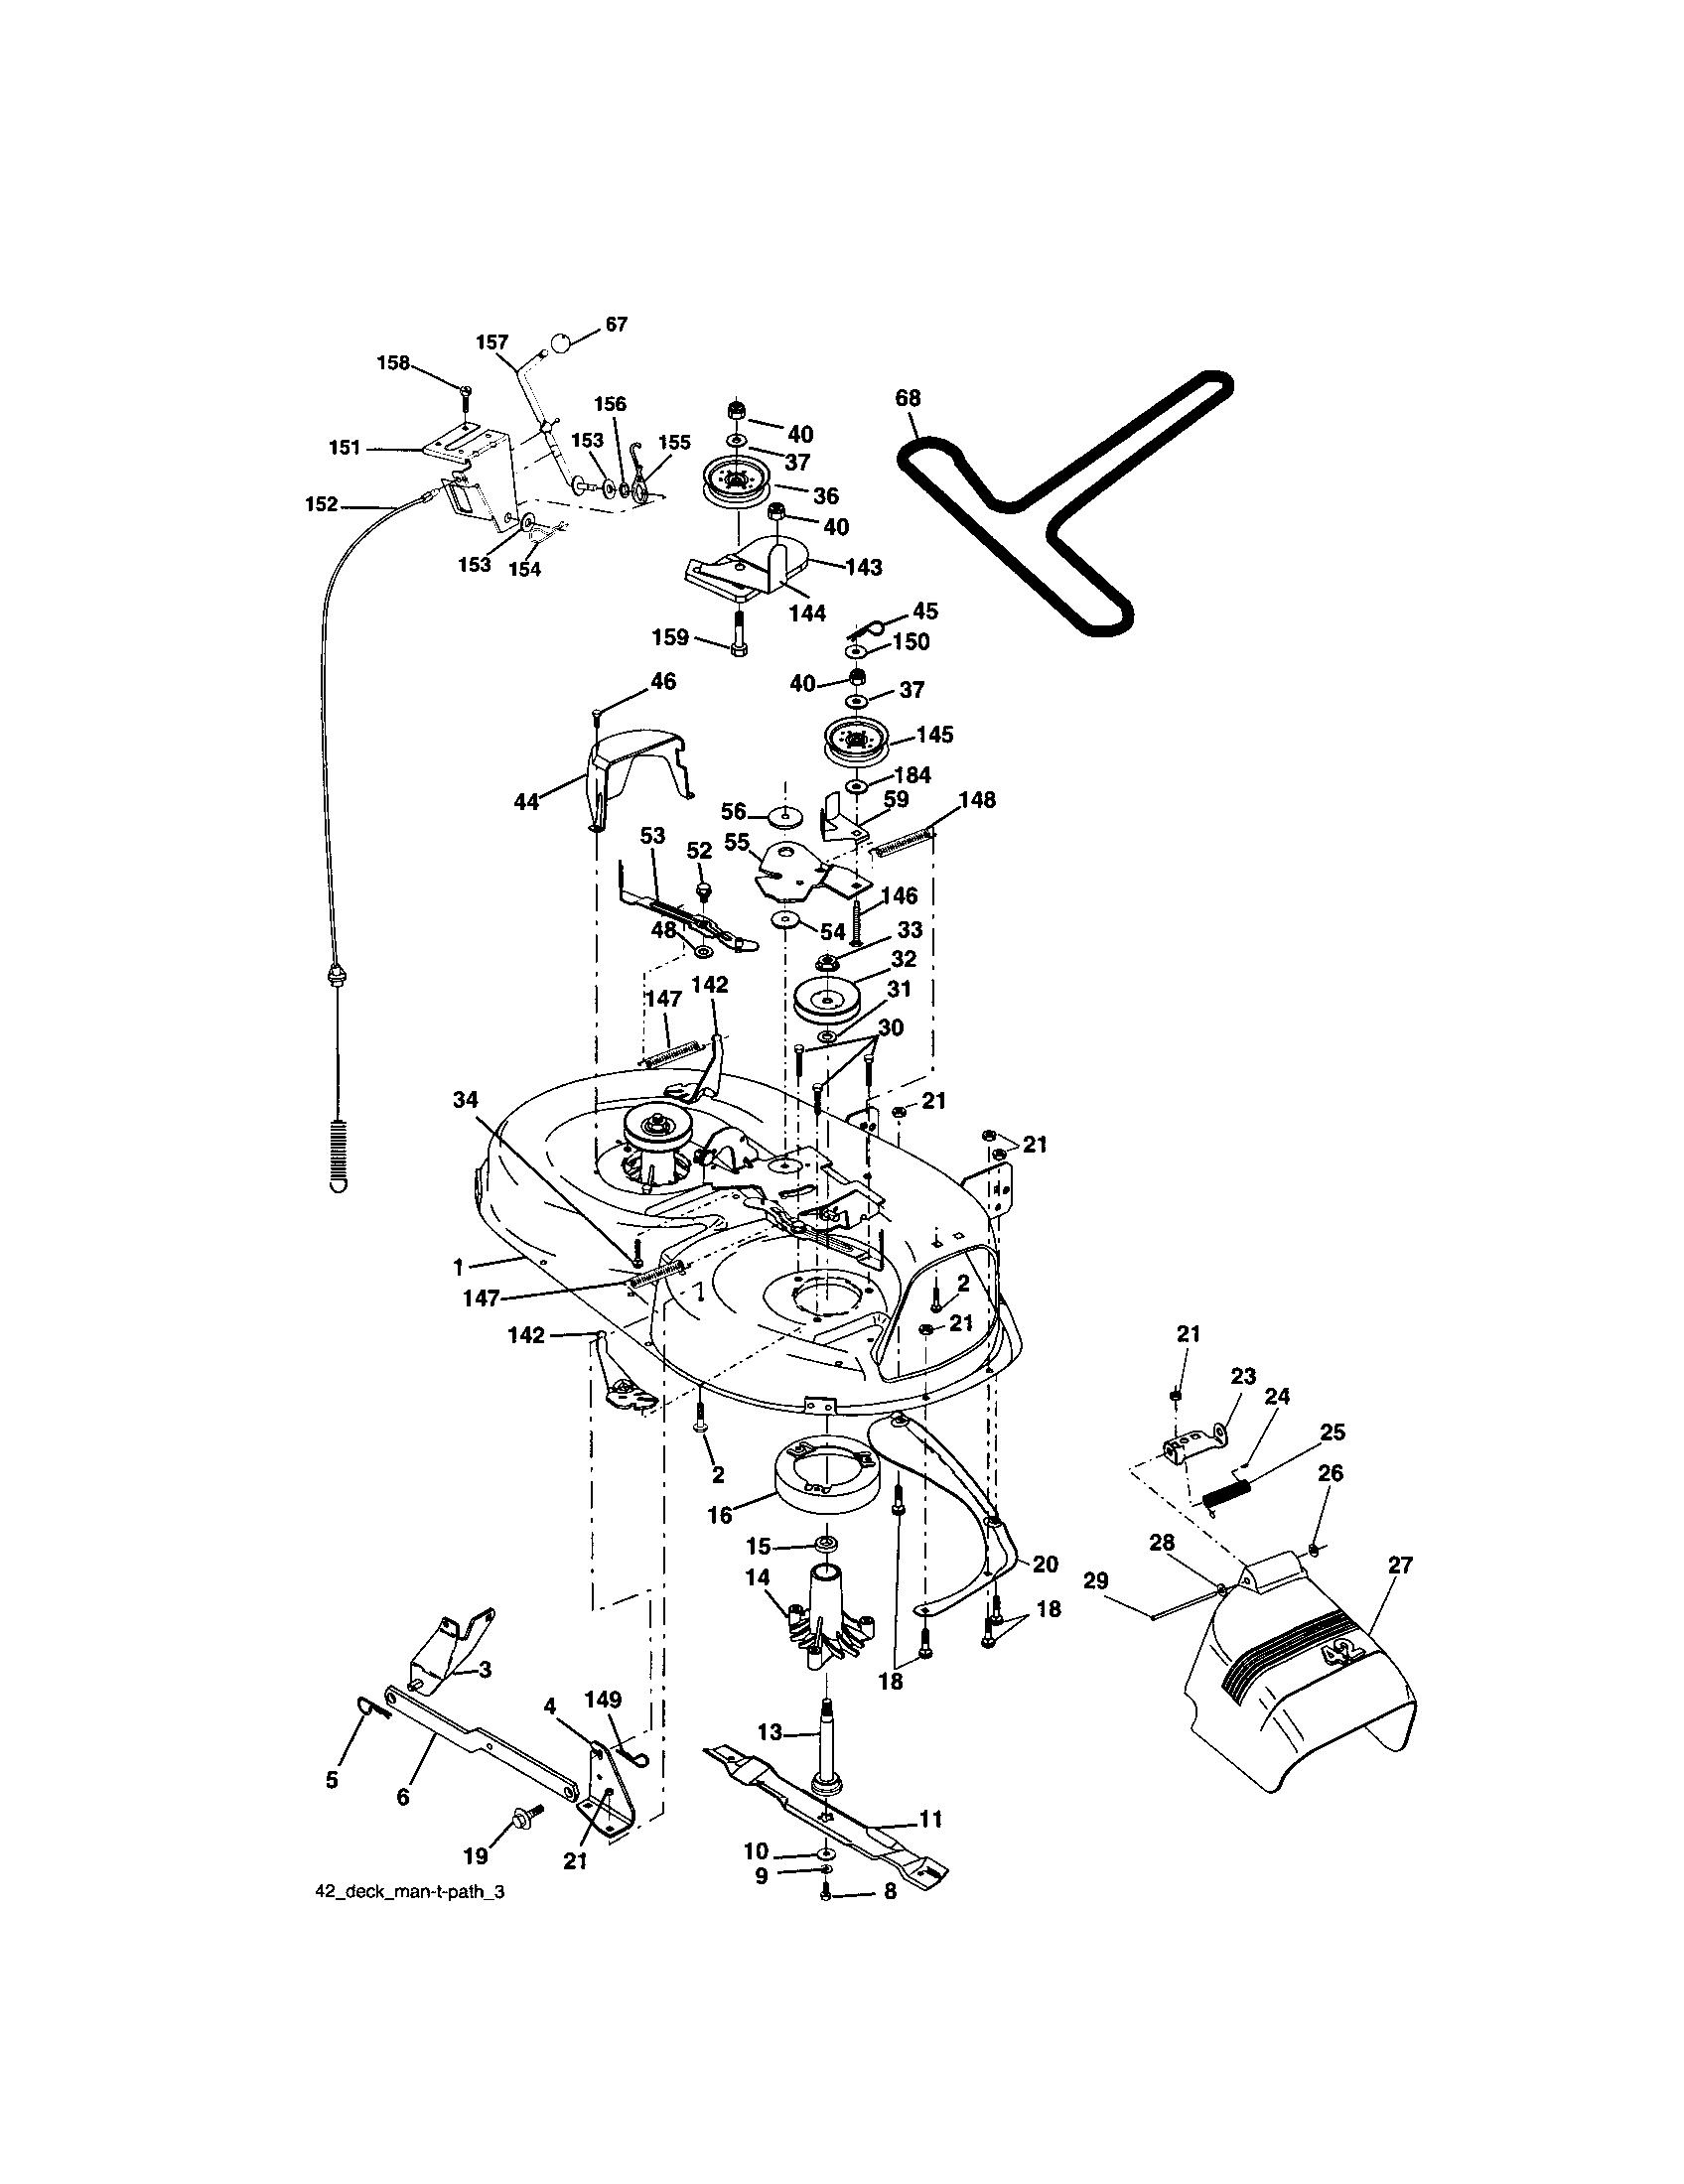 Craftsman model 917272351 lawn, tractor genuine parts